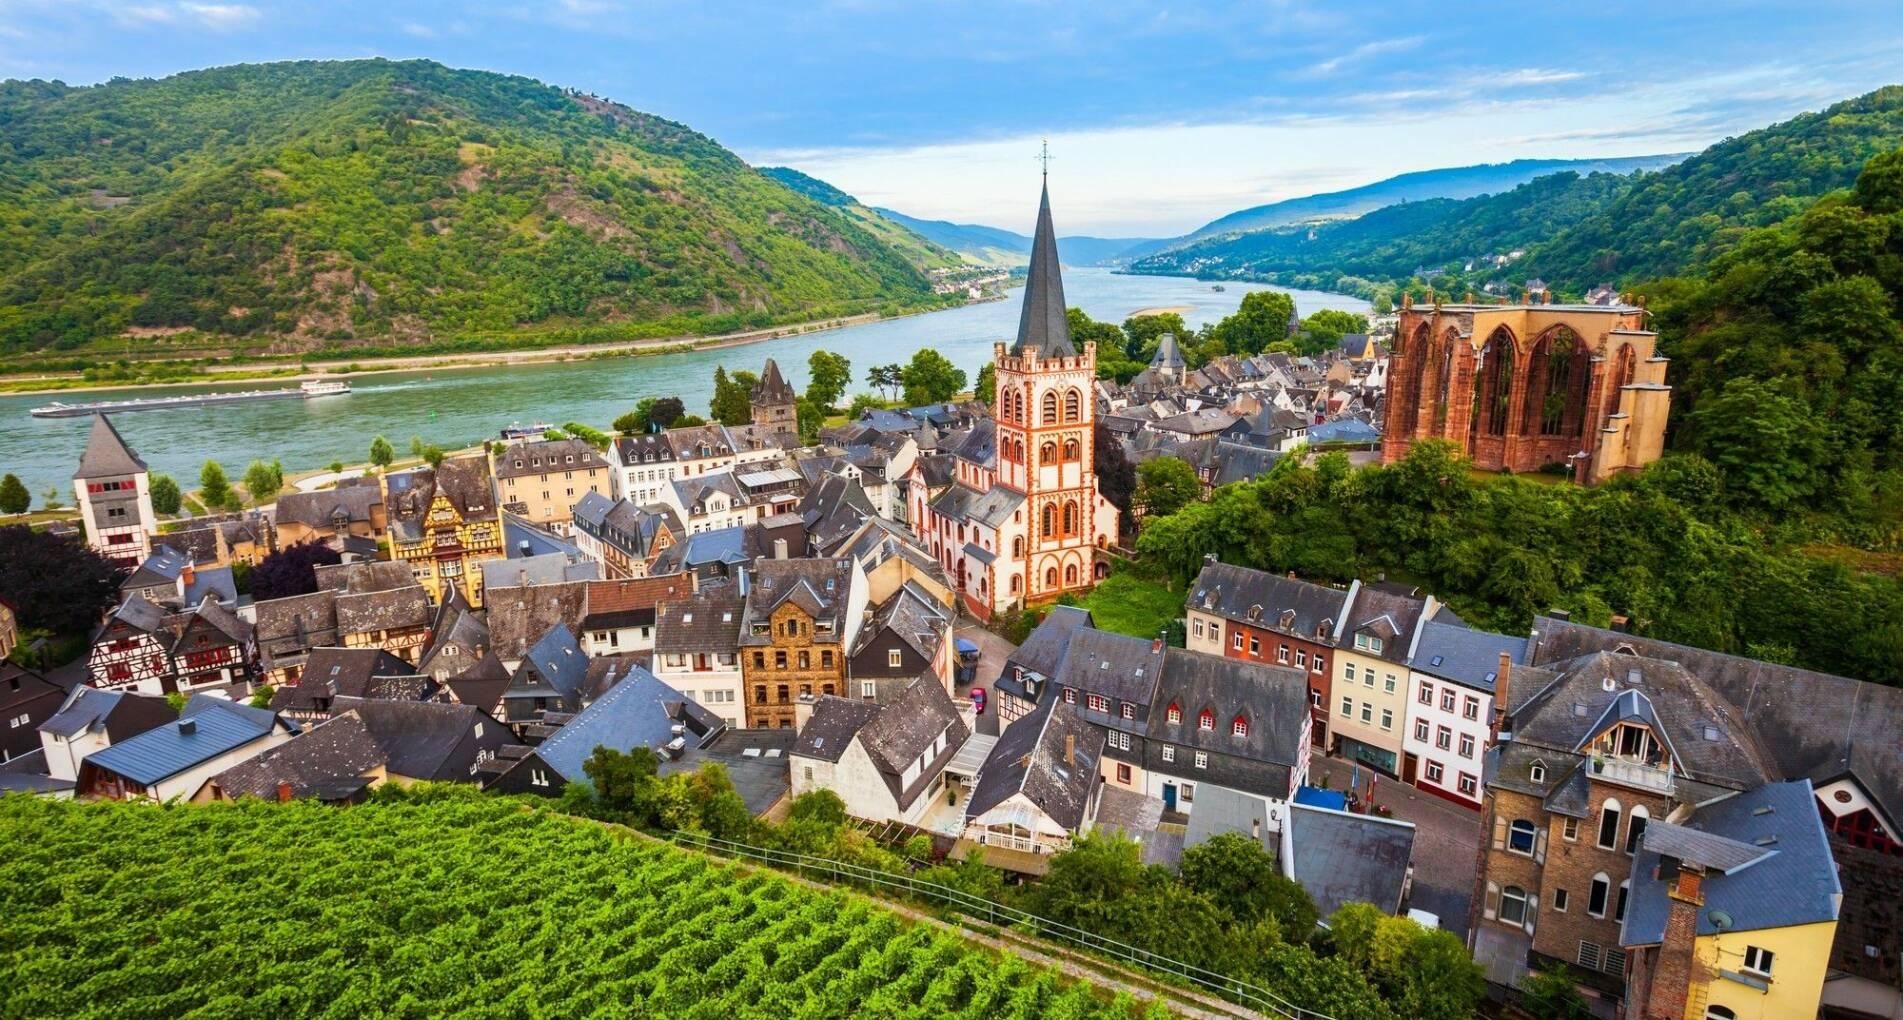 Vierlandencruise naar Zwitserland, Dalvaart - Duitsland - 1